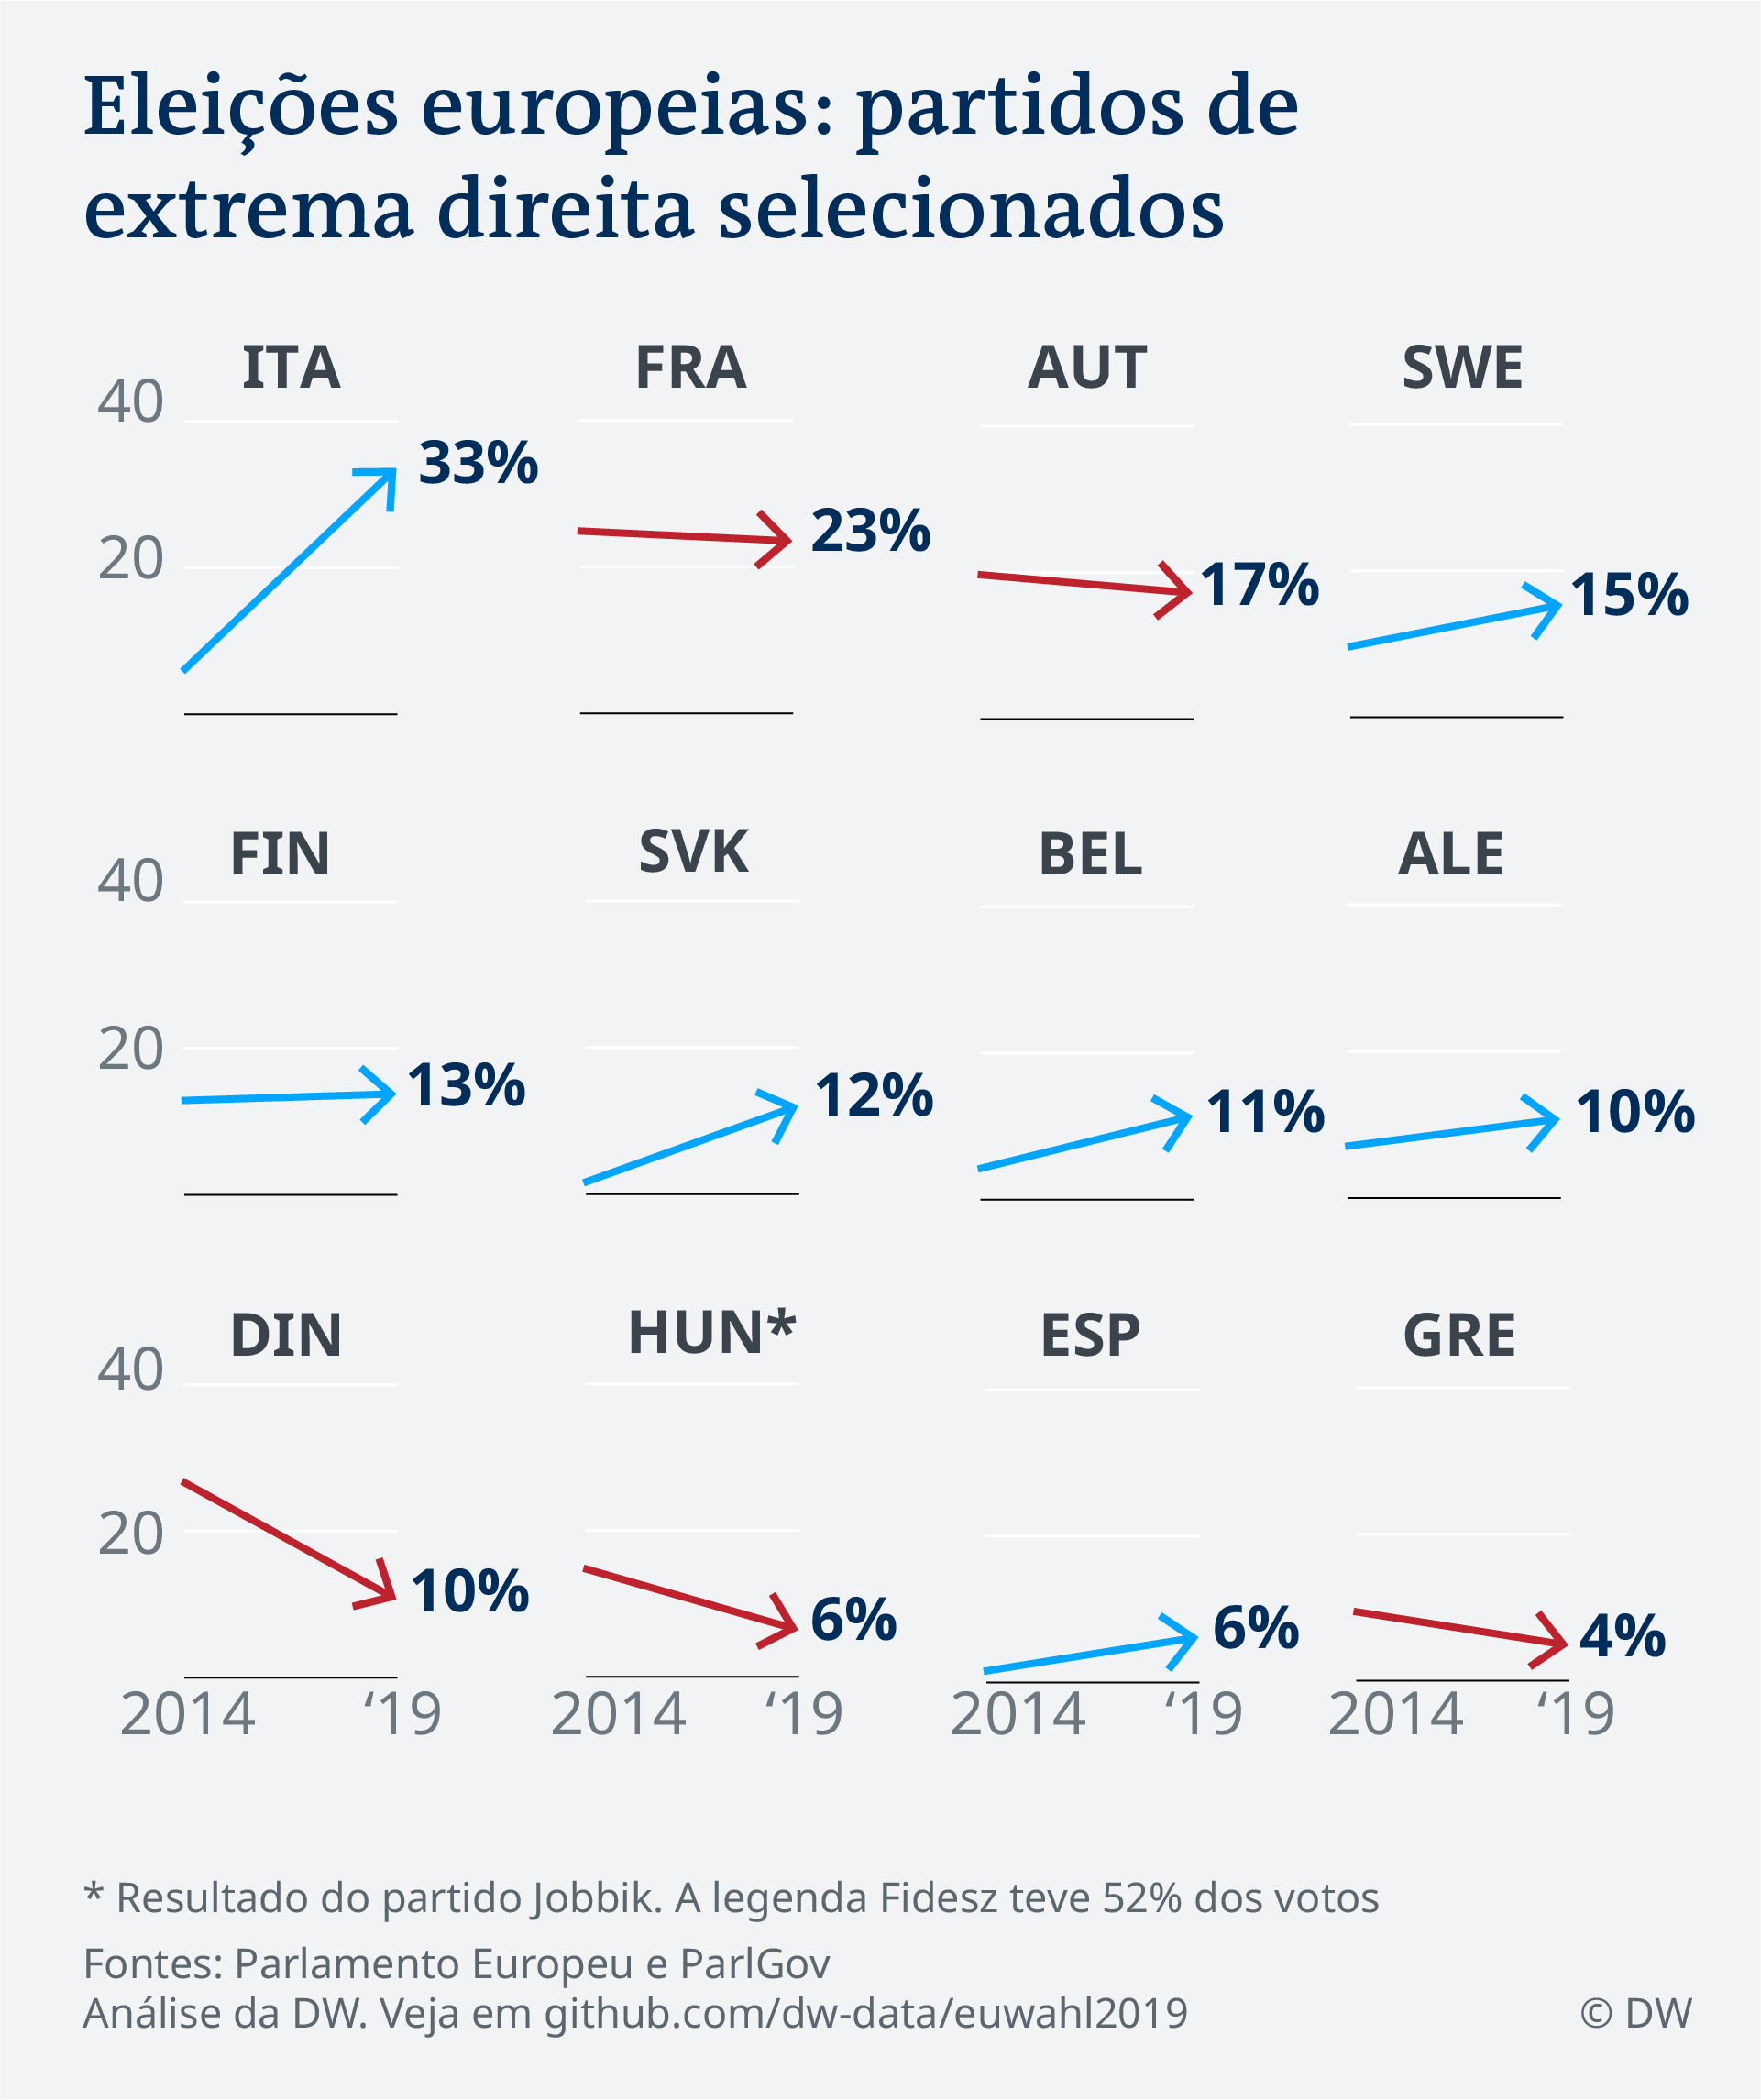 Data Visualization PT Eleições europeias: partidos de extrema direita selecionados